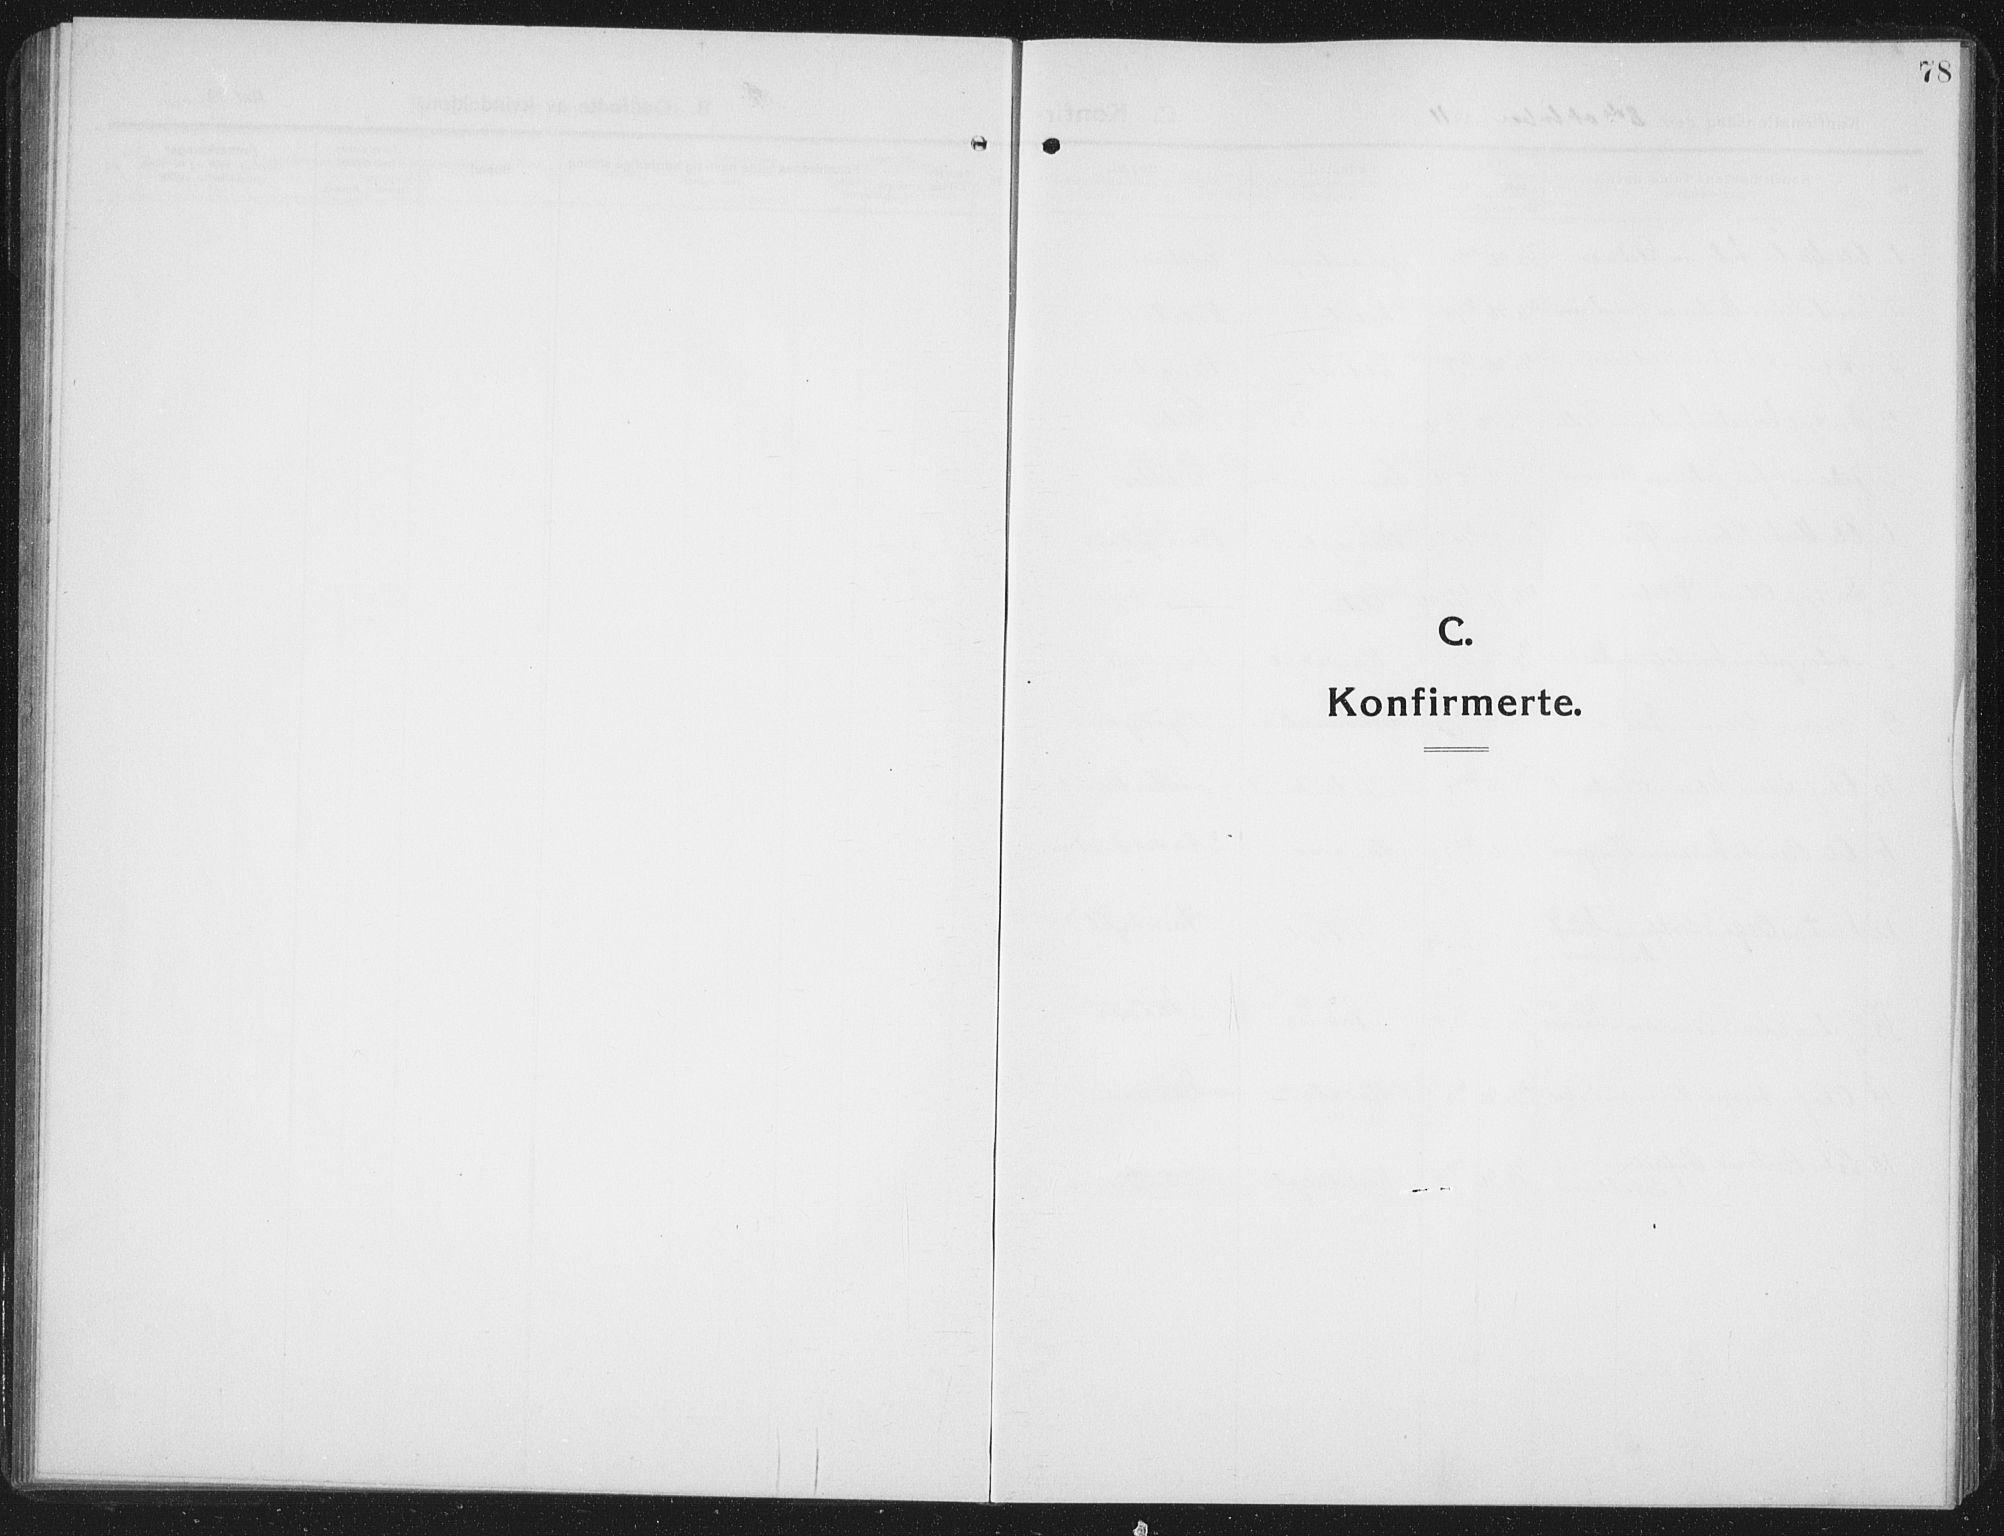 SAT, Ministerialprotokoller, klokkerbøker og fødselsregistre - Nord-Trøndelag, 742/L0413: Klokkerbok nr. 742C04, 1911-1938, s. 78